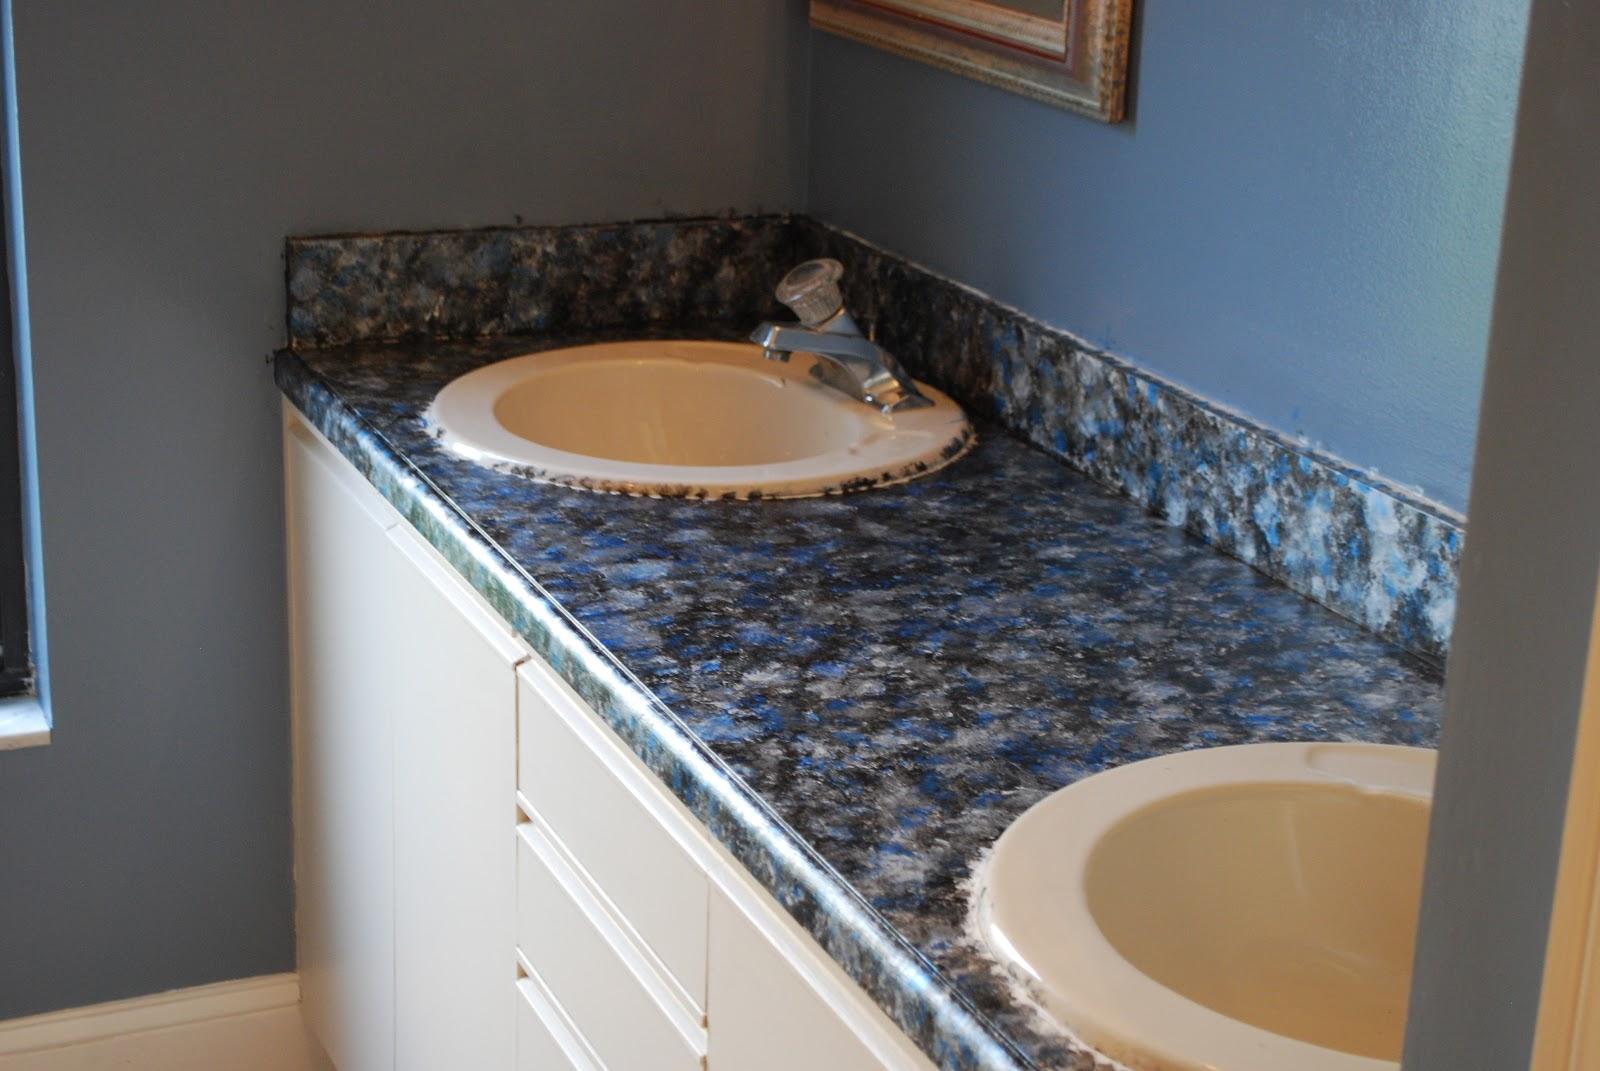 Countertop Paint Tutorial : Karas Korner: Tutorial : How to Paint Bathroom Countertops to Look ...